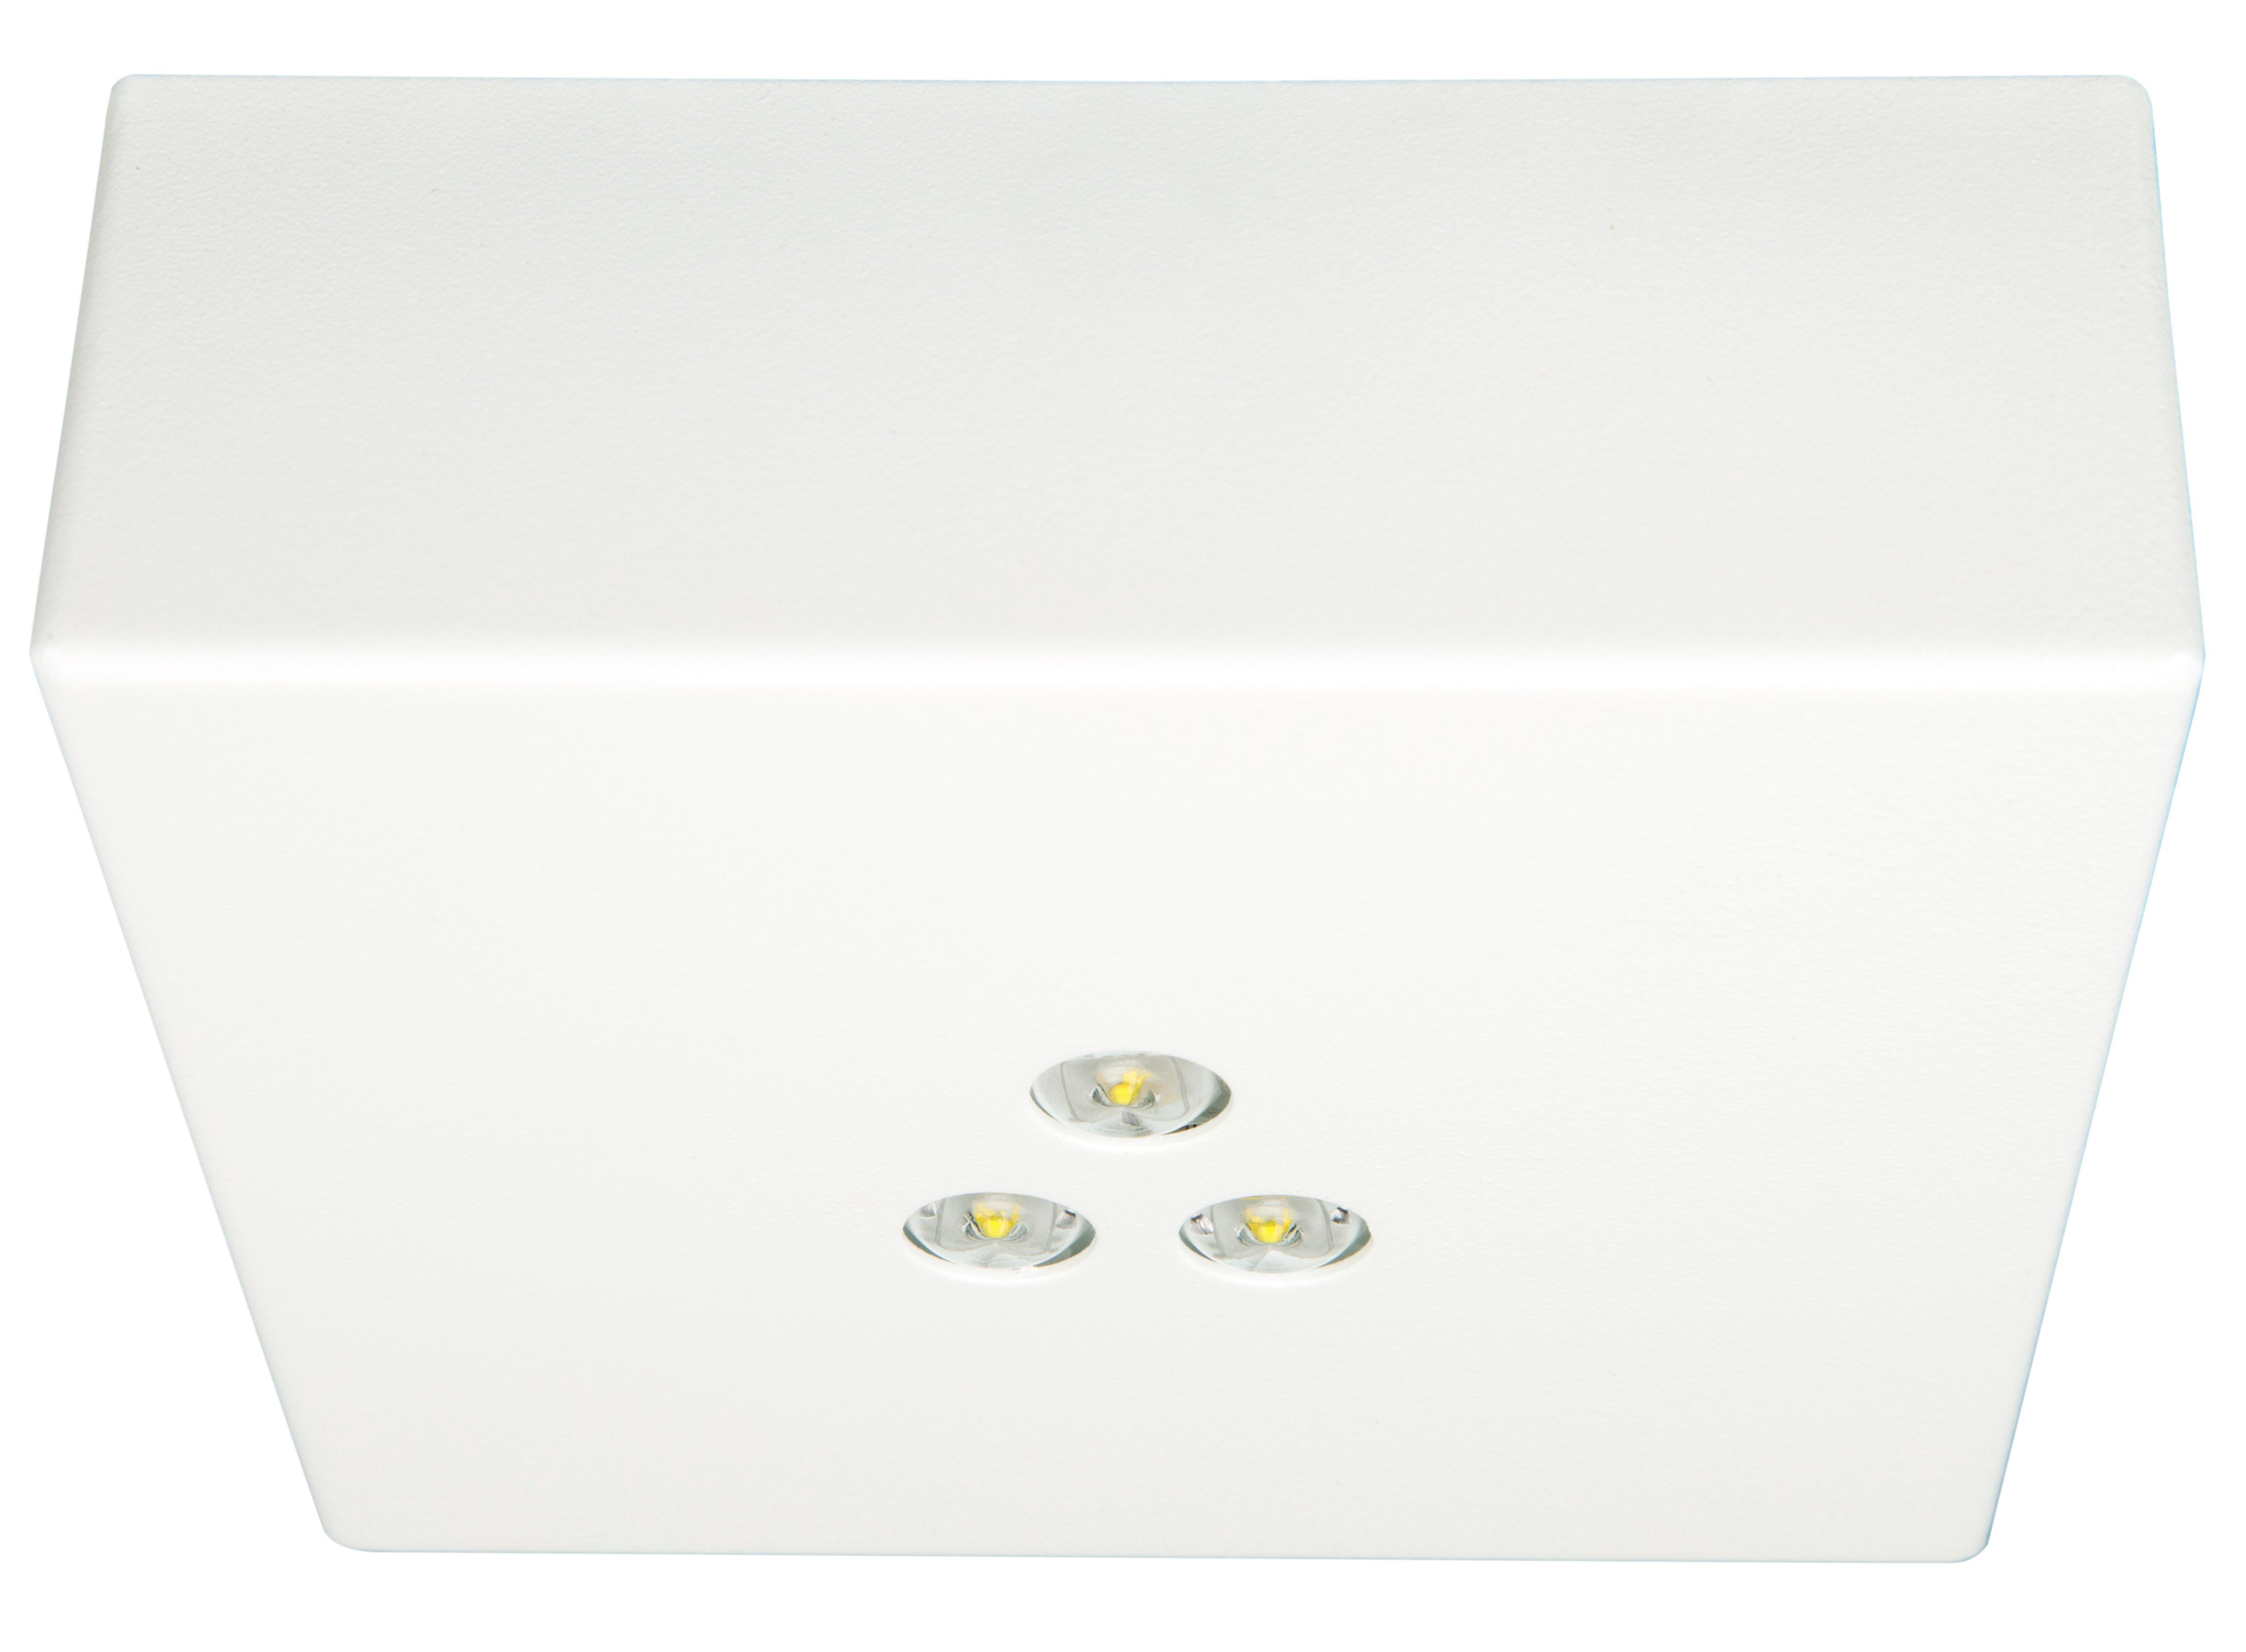 1 Stk Notleuchte DAQ Autotest 3x1W ERT-LED 3h 230VAC NLDAQ023SC